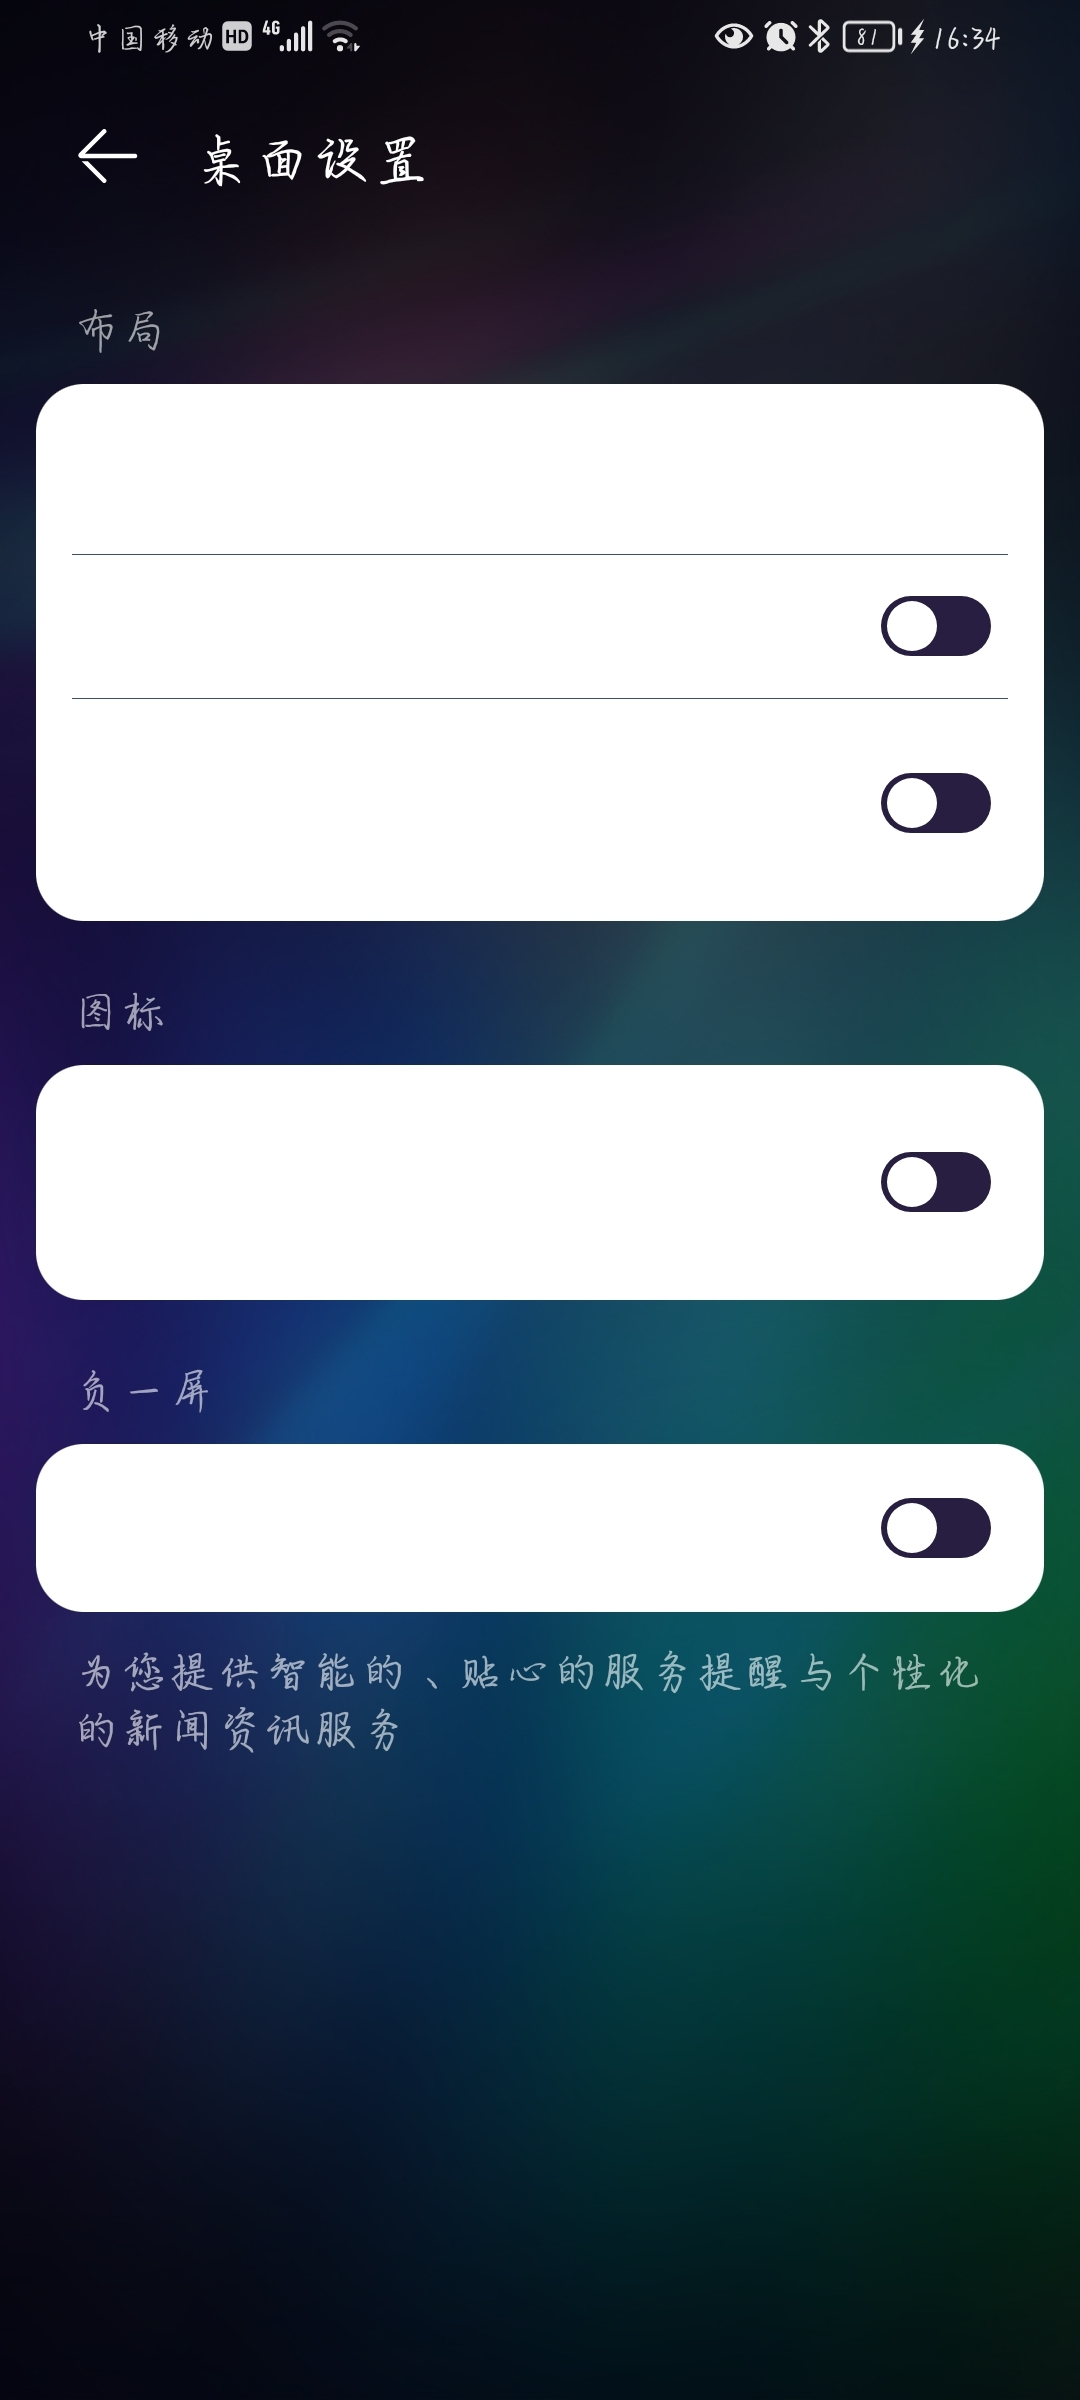 Screenshot_20210922_163428_com.huawei.android.launcher.jpg